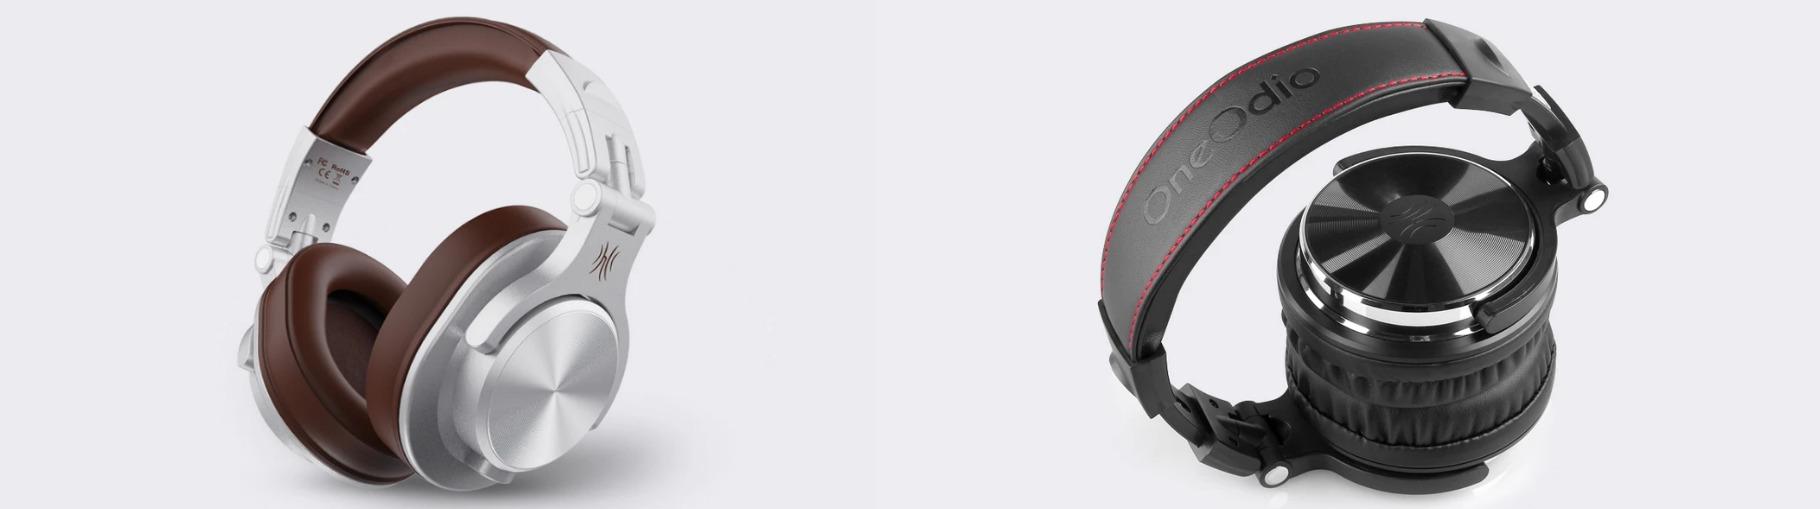 Oneodio A70 és Pro-10 fülhallgatók tesztje 2